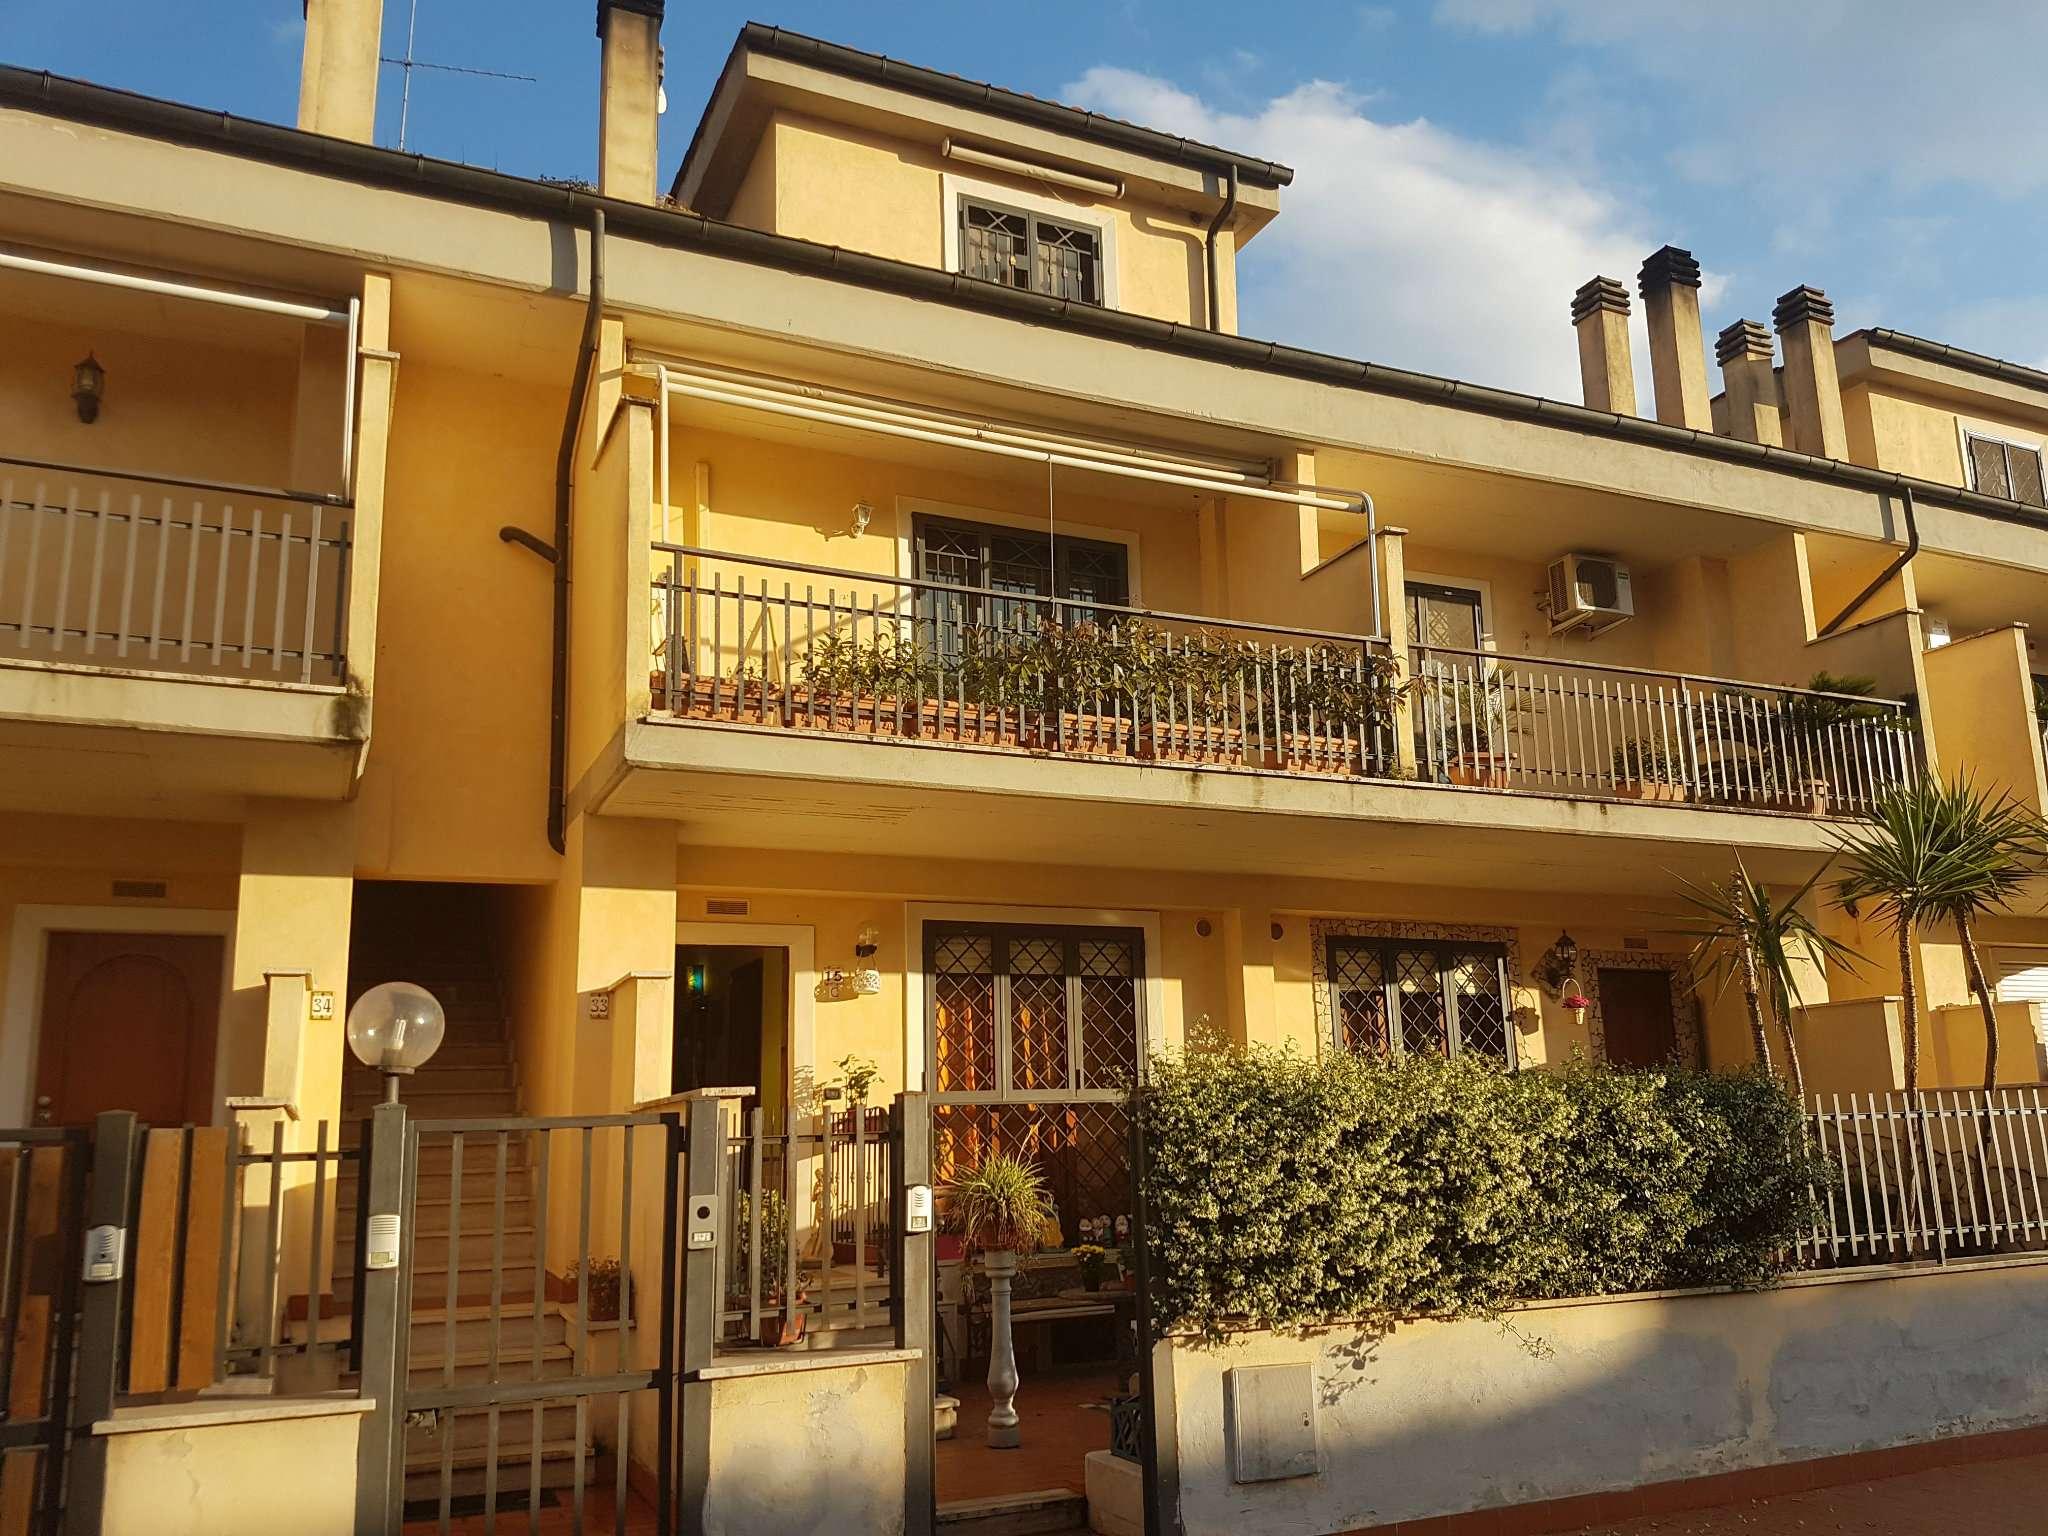 Appartamento in vendita a Guidonia Montecelio, 4 locali, prezzo € 165.000 | CambioCasa.it